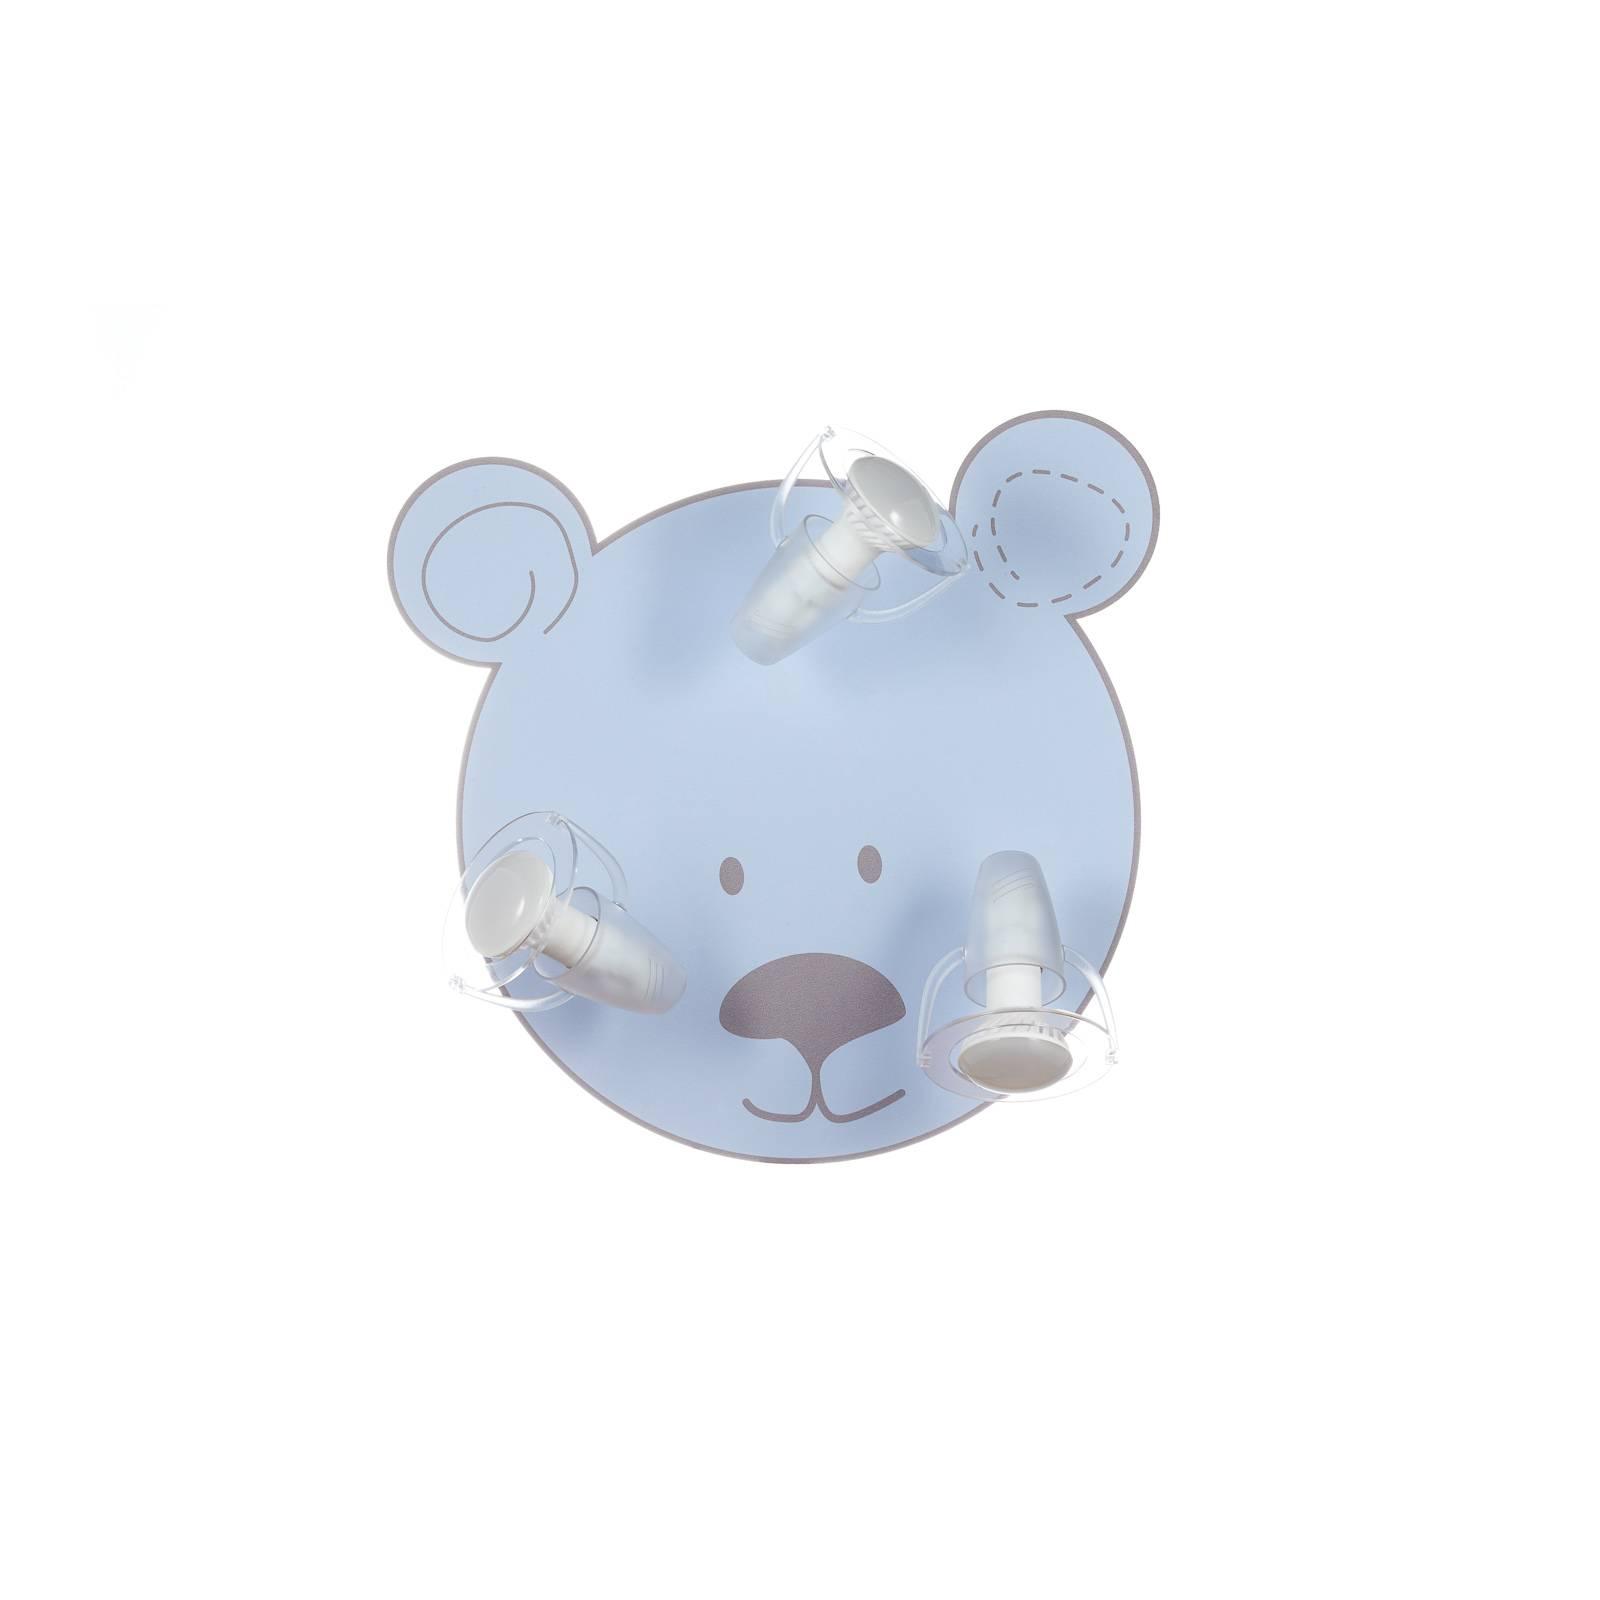 Deckenleuchte Bär mit 3 Strahlern, hellblau